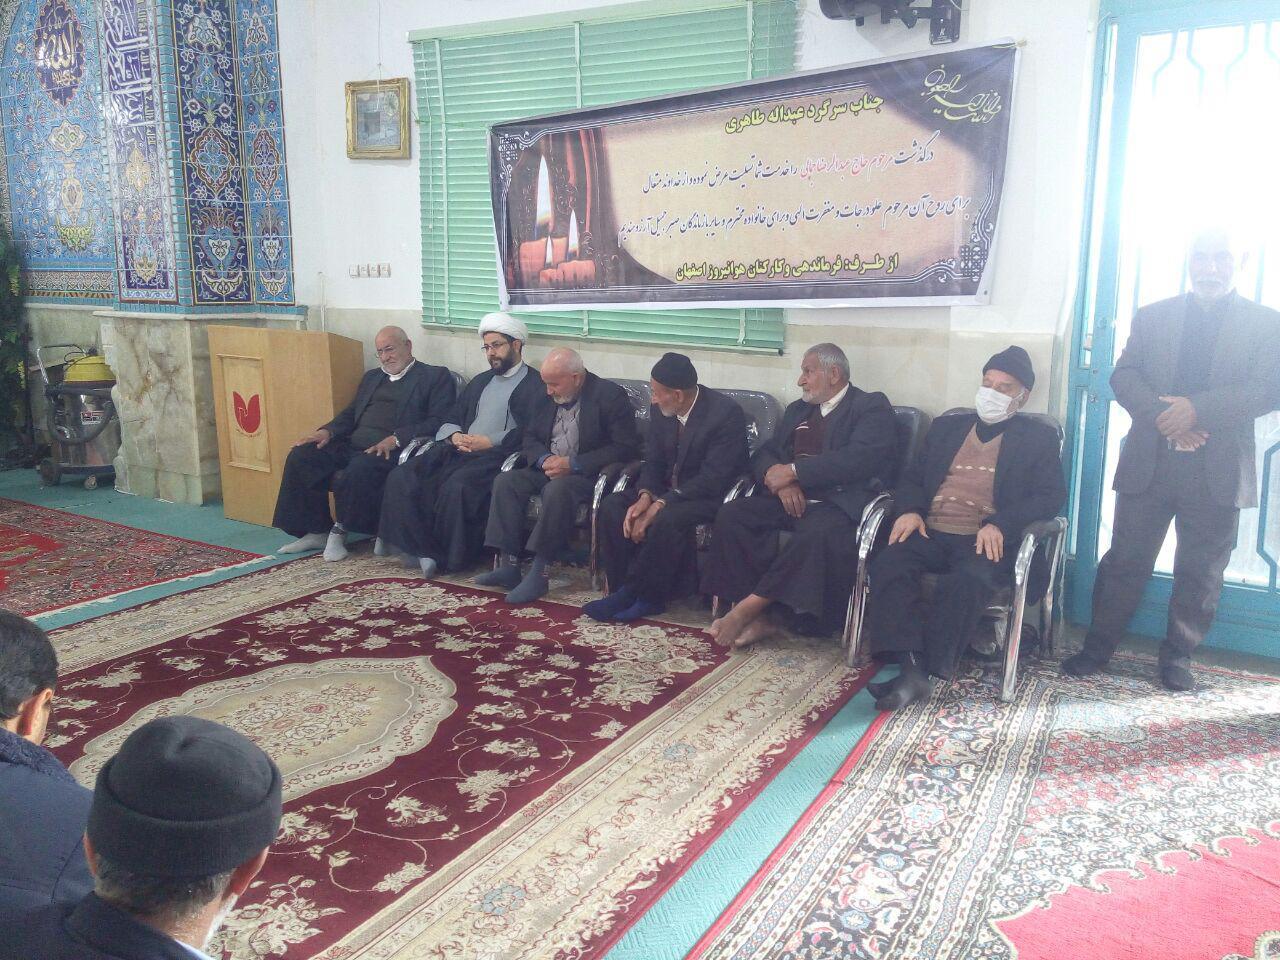 حضور امام جمعه محترم شهر قهدریجان در مراسم های گلزار شهدا